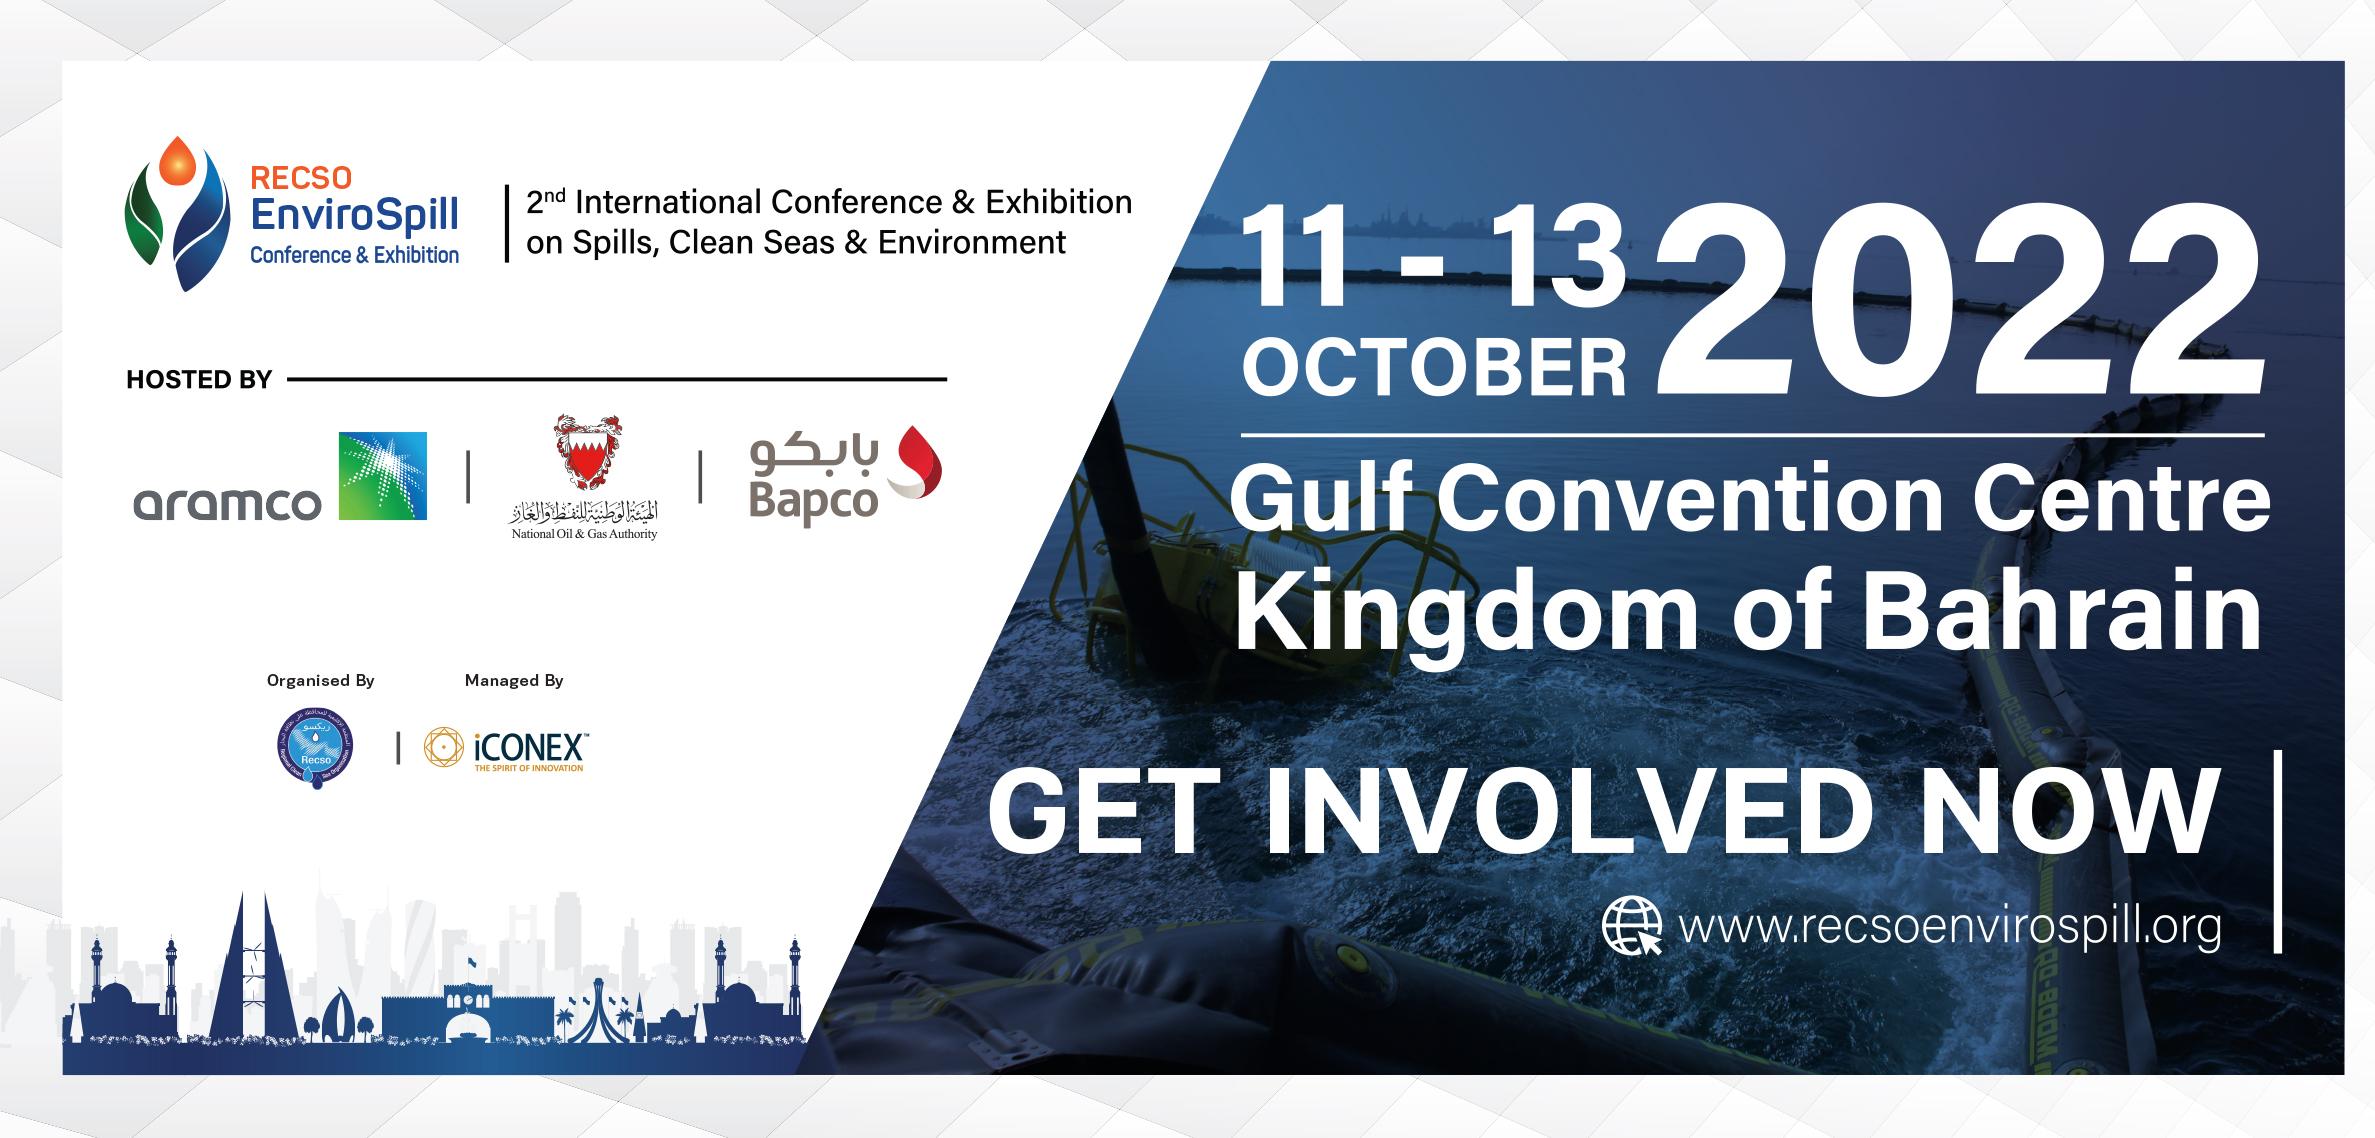 RECSO-EnvisSpill-Conference-2022.